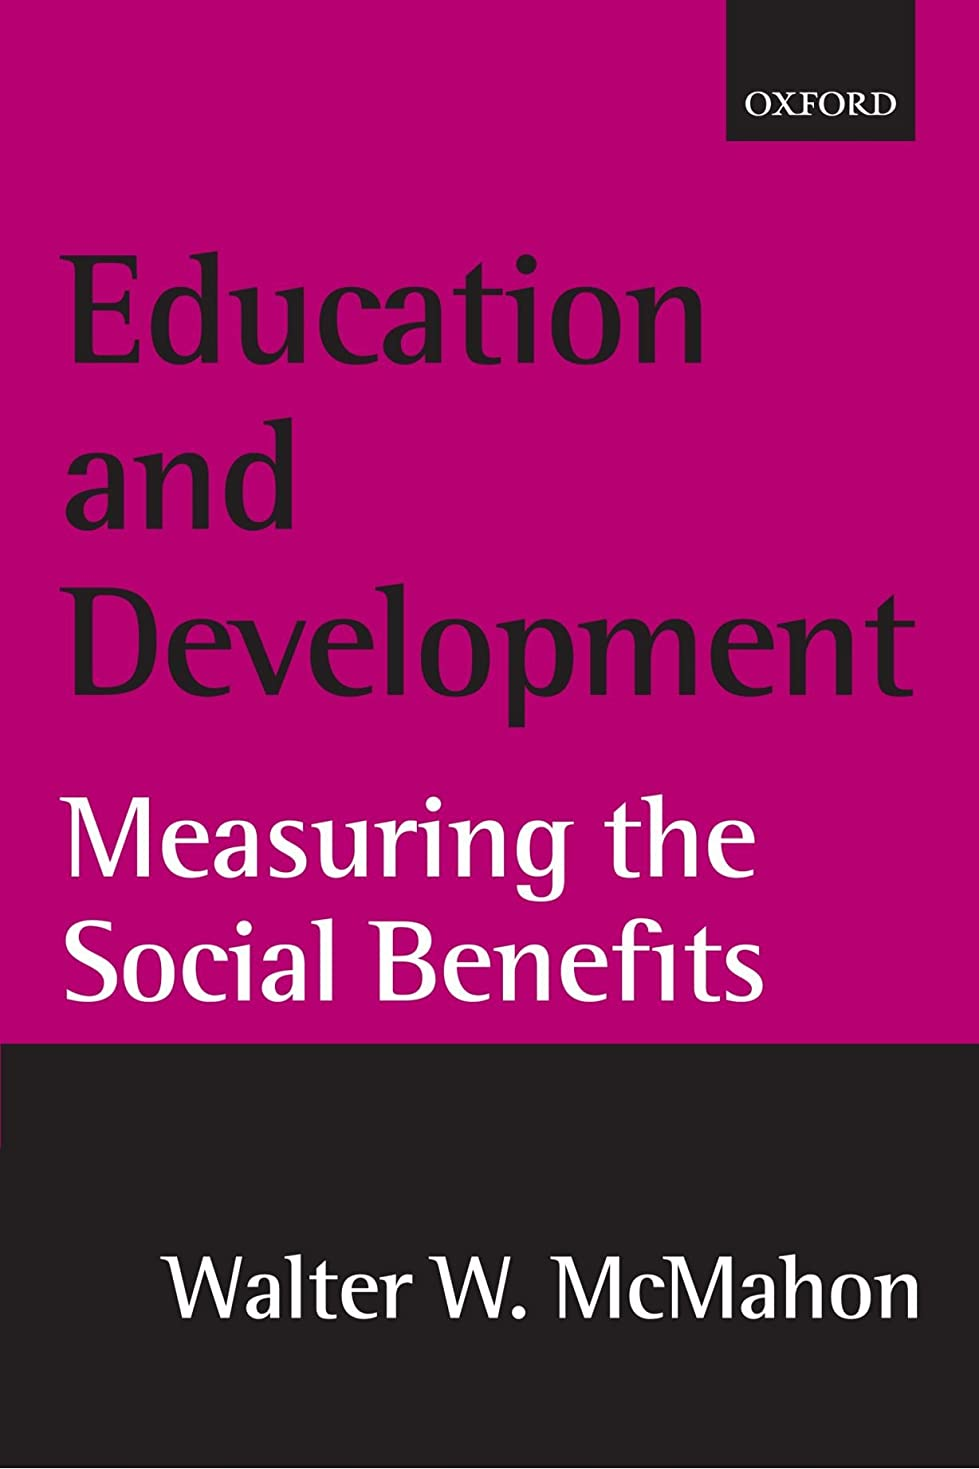 潜水艦略奪息苦しいEducation and Development: Measuring the Social Benefits